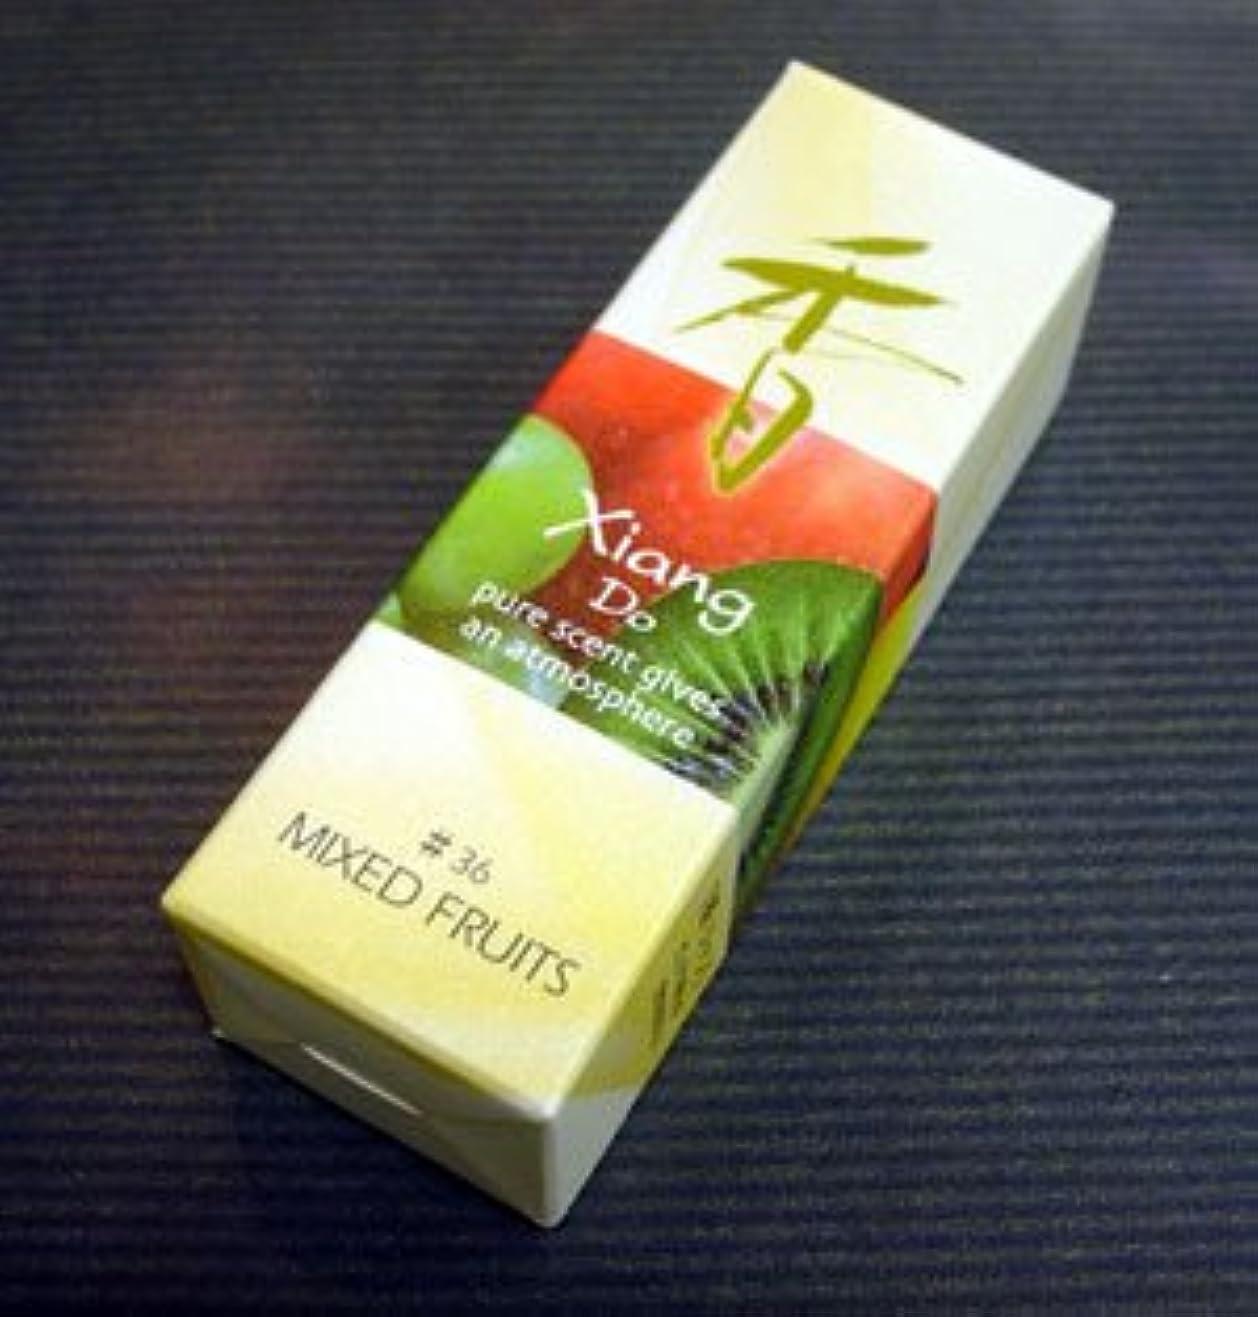 見通し尾原油自然の恵み、色とりどり 松栄堂【Xiang Do ミックスフルーツ】スティック 【お香】